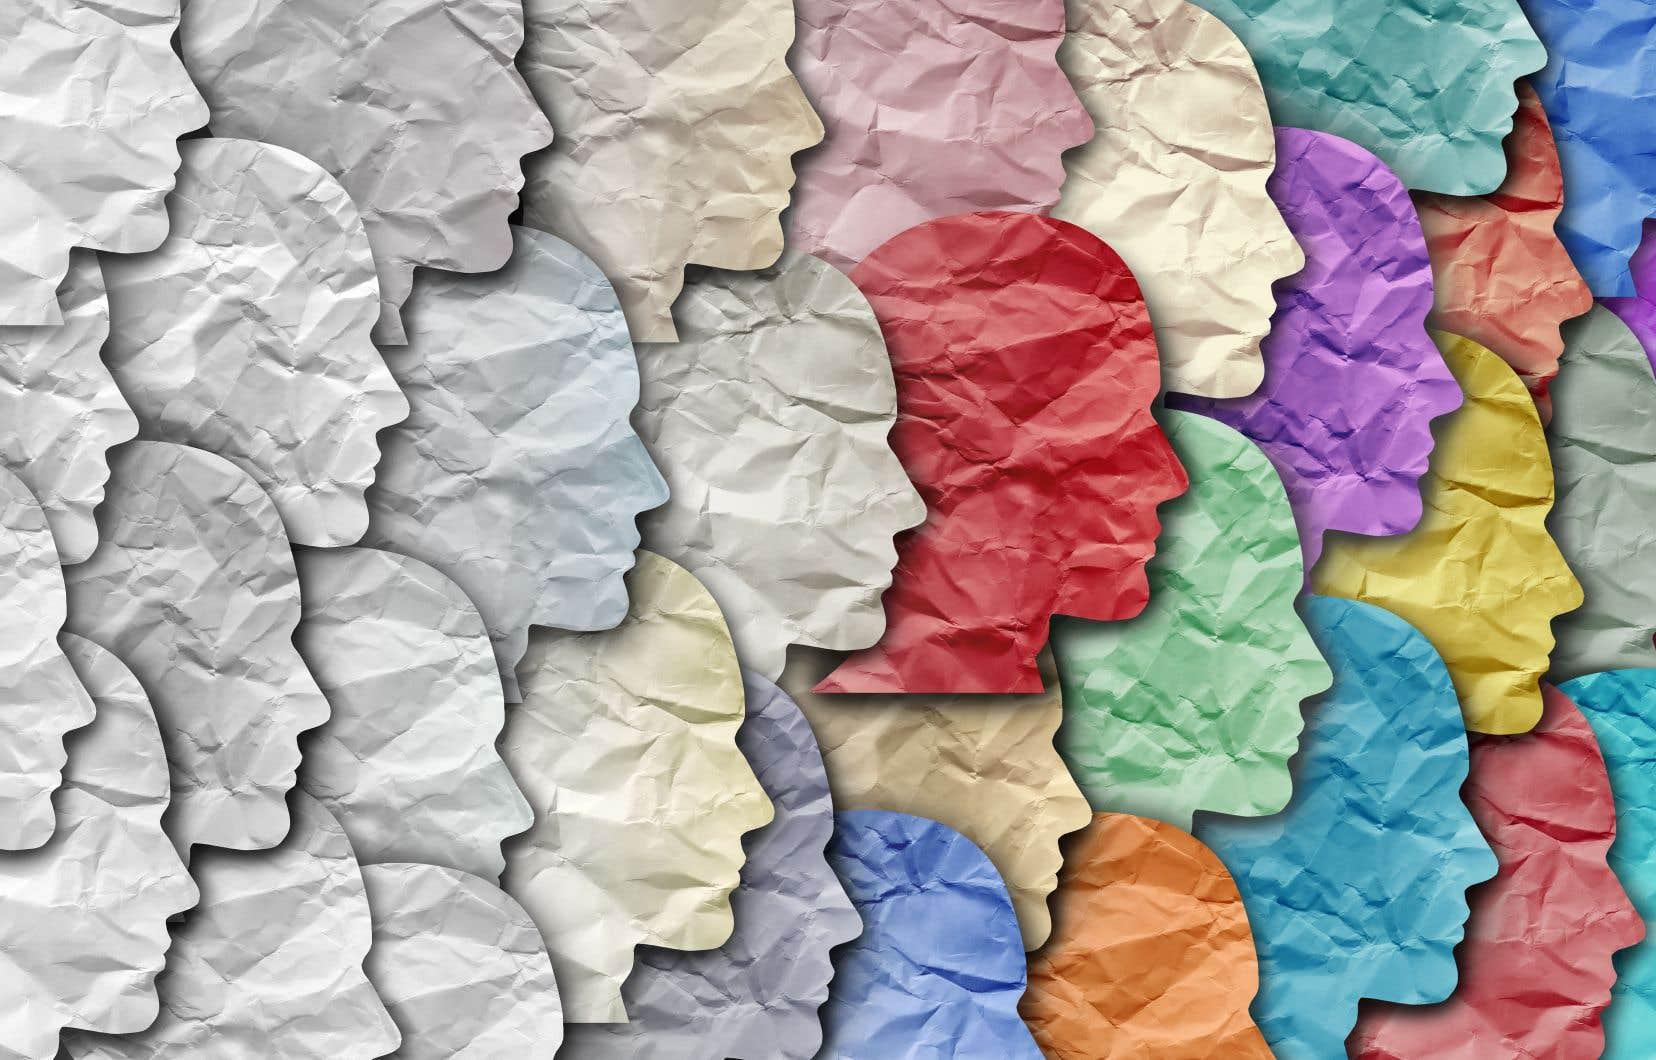 «En plus de durcir les idées, la polarisation appauvrit la pensée en installant des barricades artificielles entre les théories, les idéologies, les courants, les écoles, et en poussant les belligérants à simplifier outrageusement la pensée de l'autre», penseGérard Bouchard.